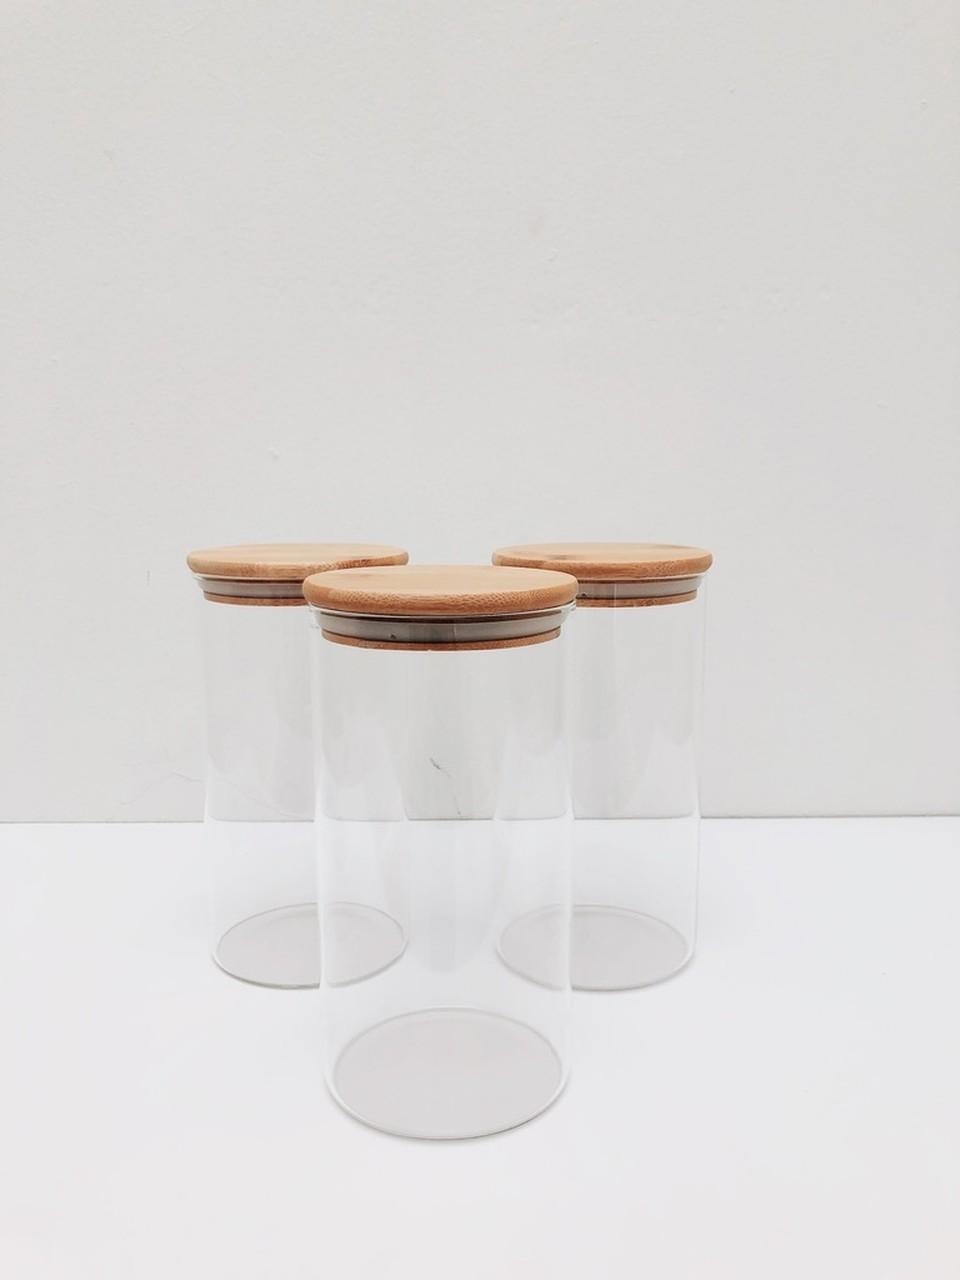 Kit Pote de Vidro com Tampa de Bambu 1100ml - 3 Peças  - CASACOBRE